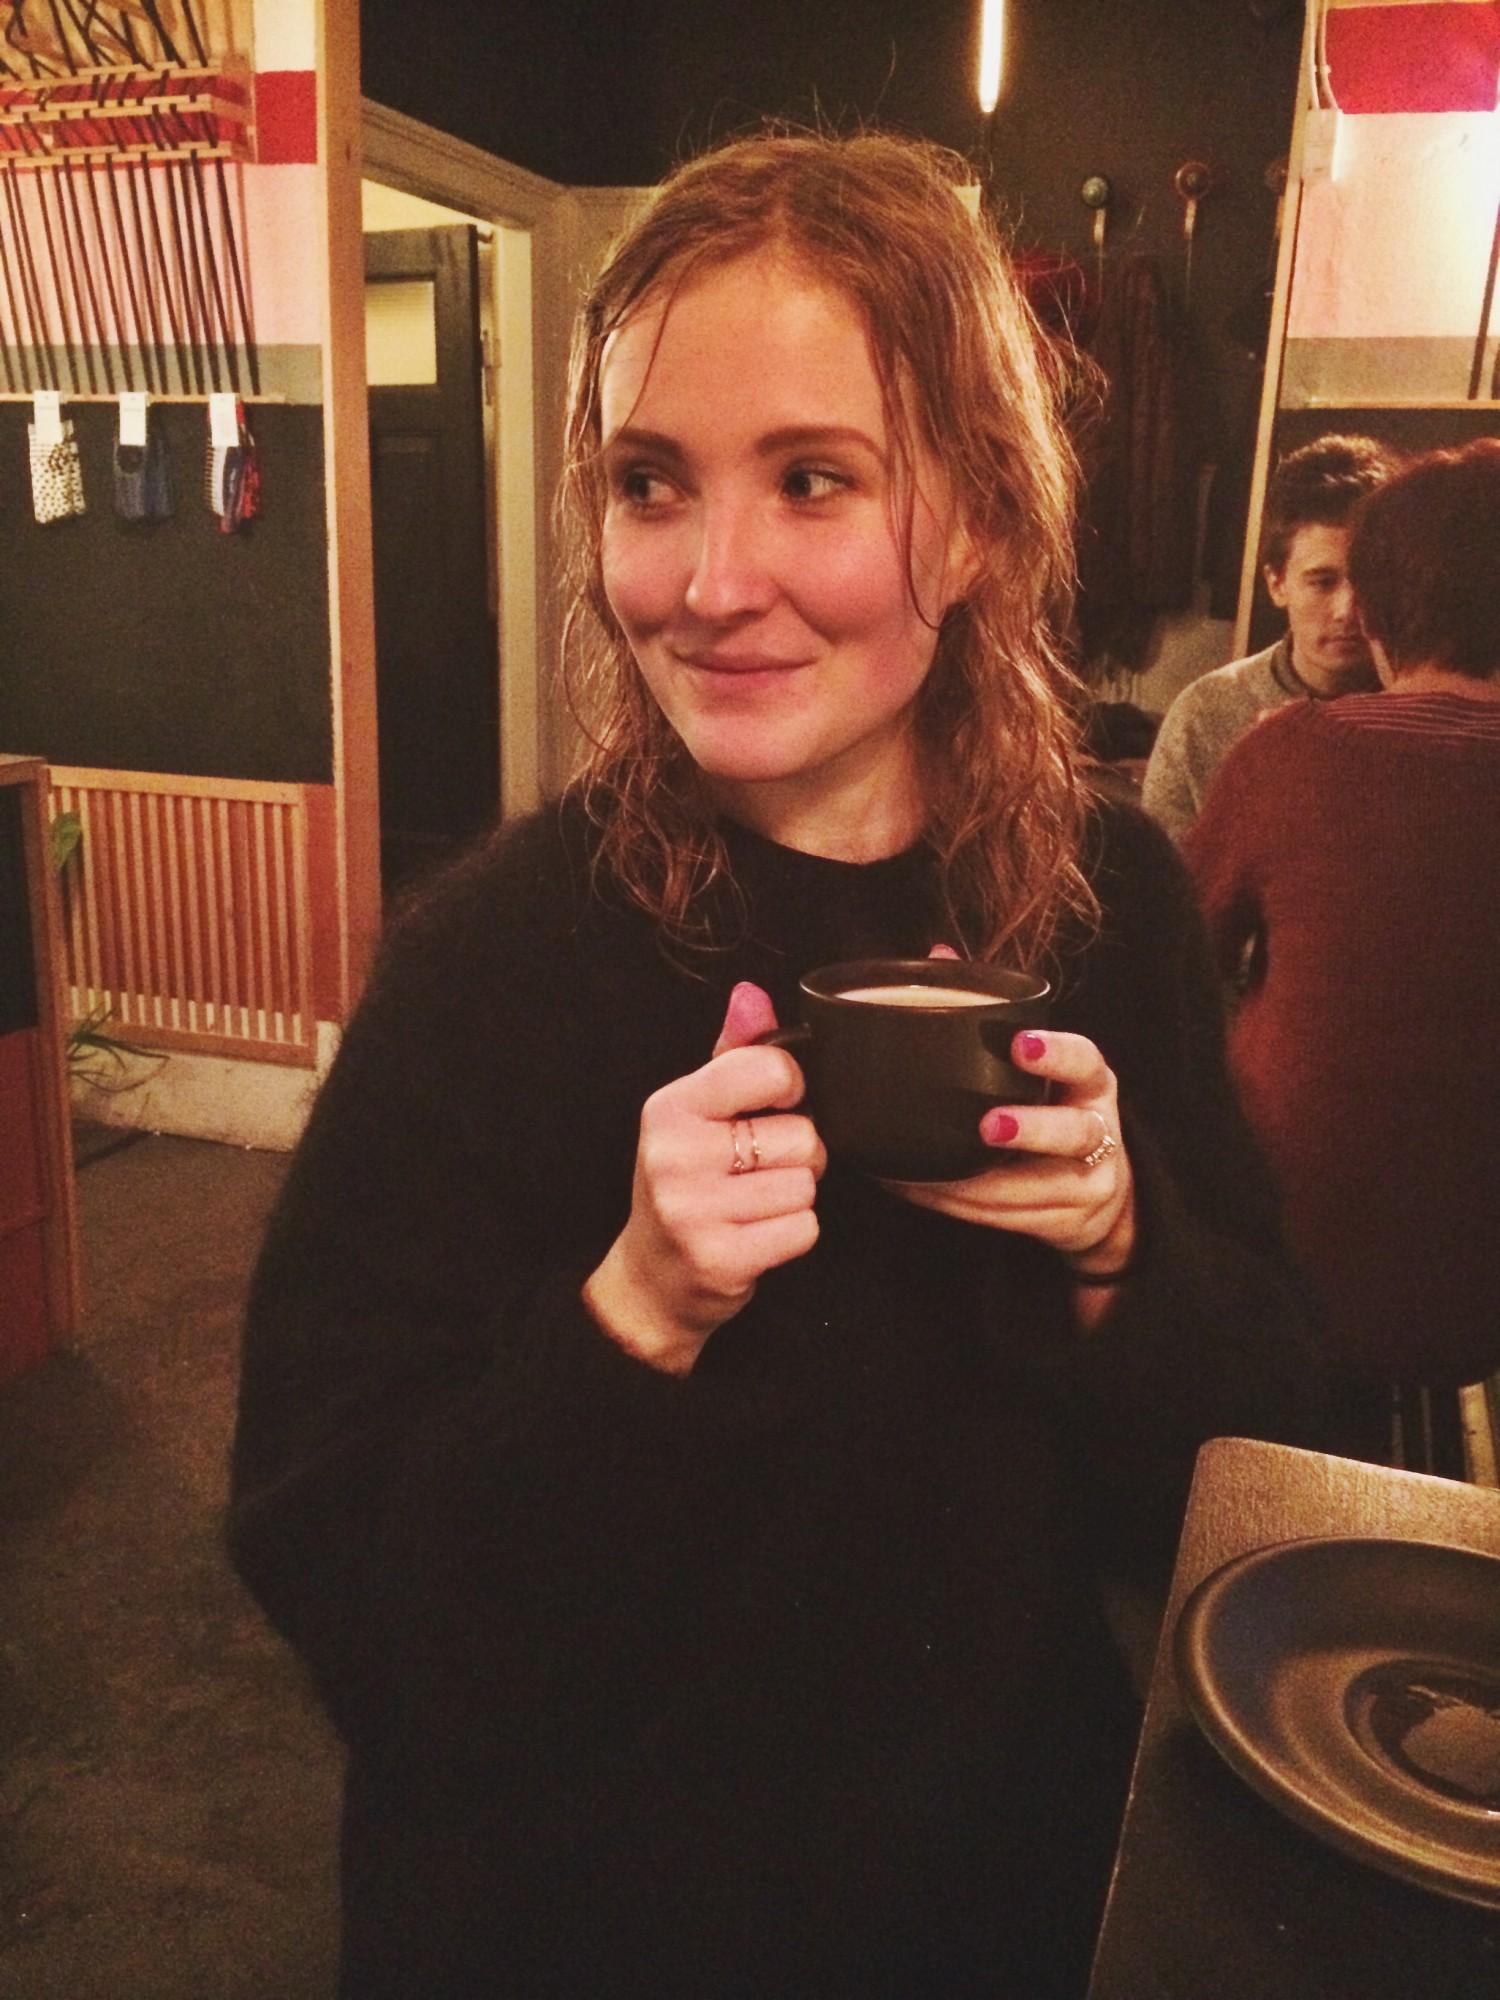 Cafe den plettede gris